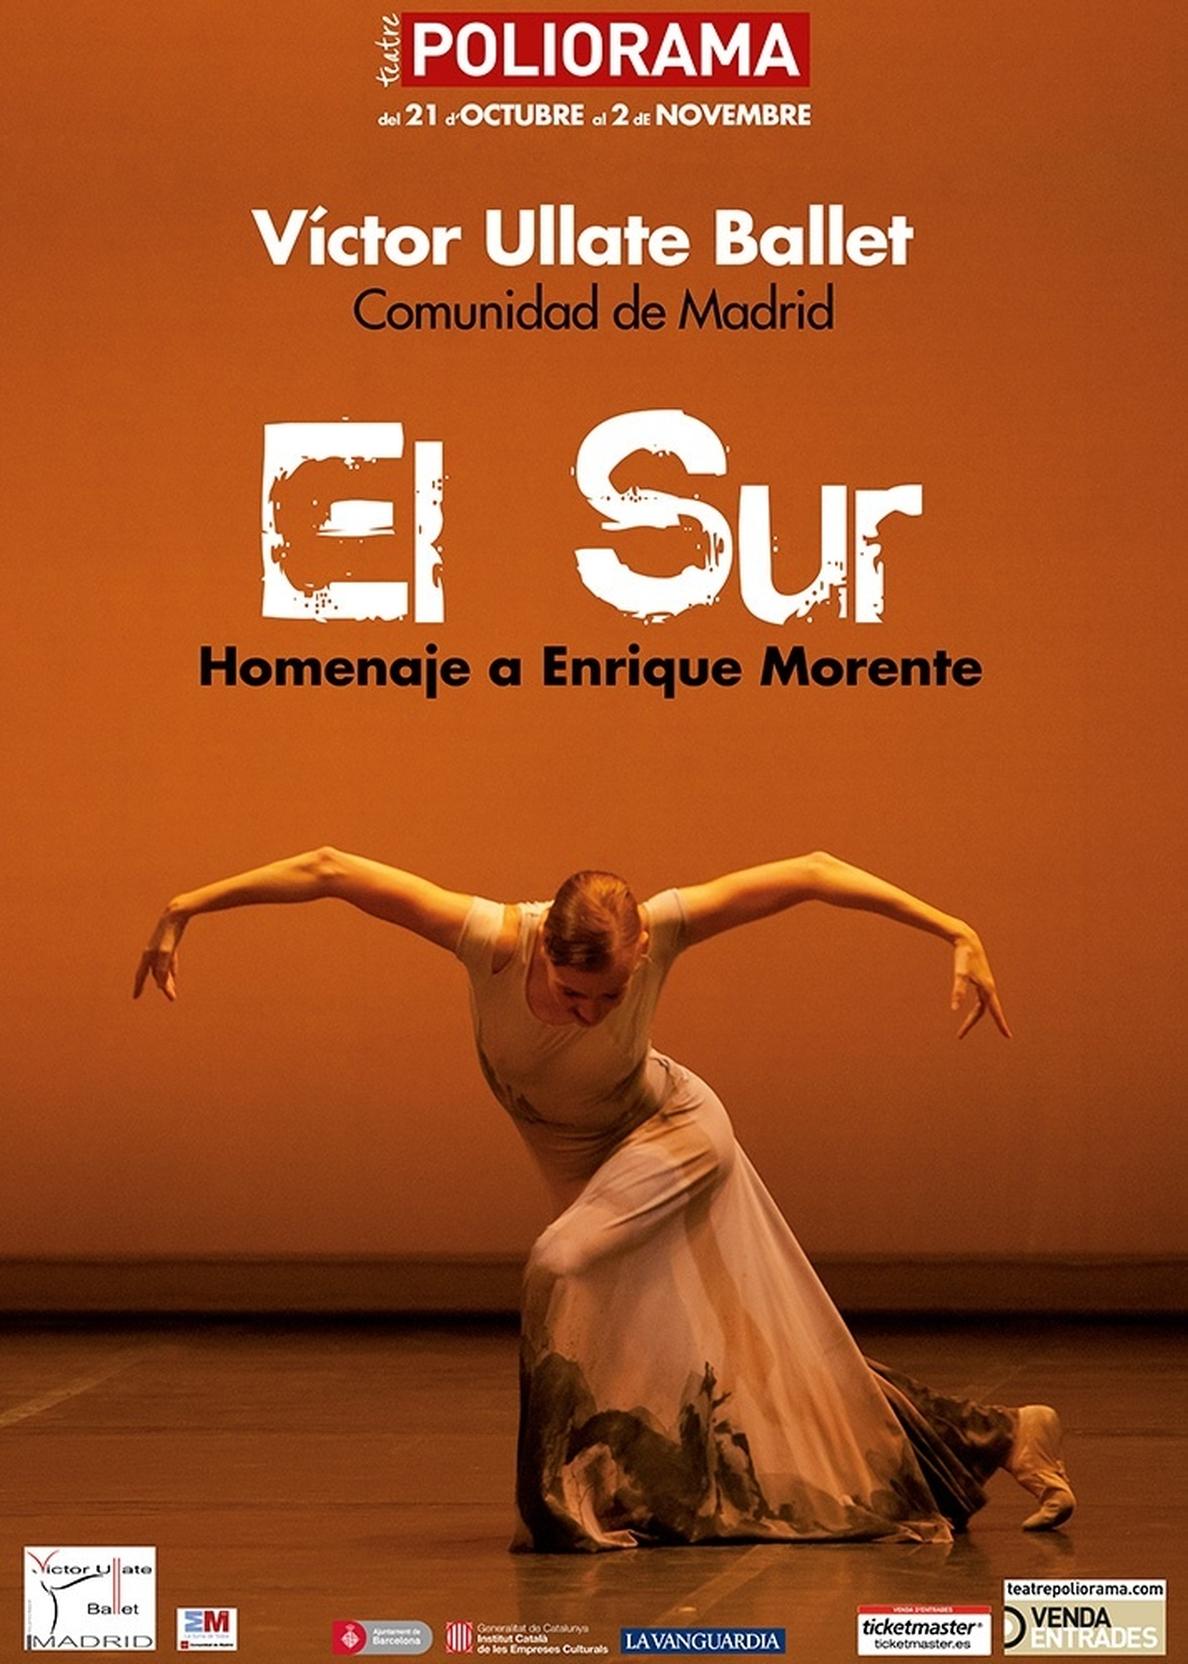 El Ballet de Víctor Ullate homenajeará a Enrique Morente con »El Sur» en el Poliorama